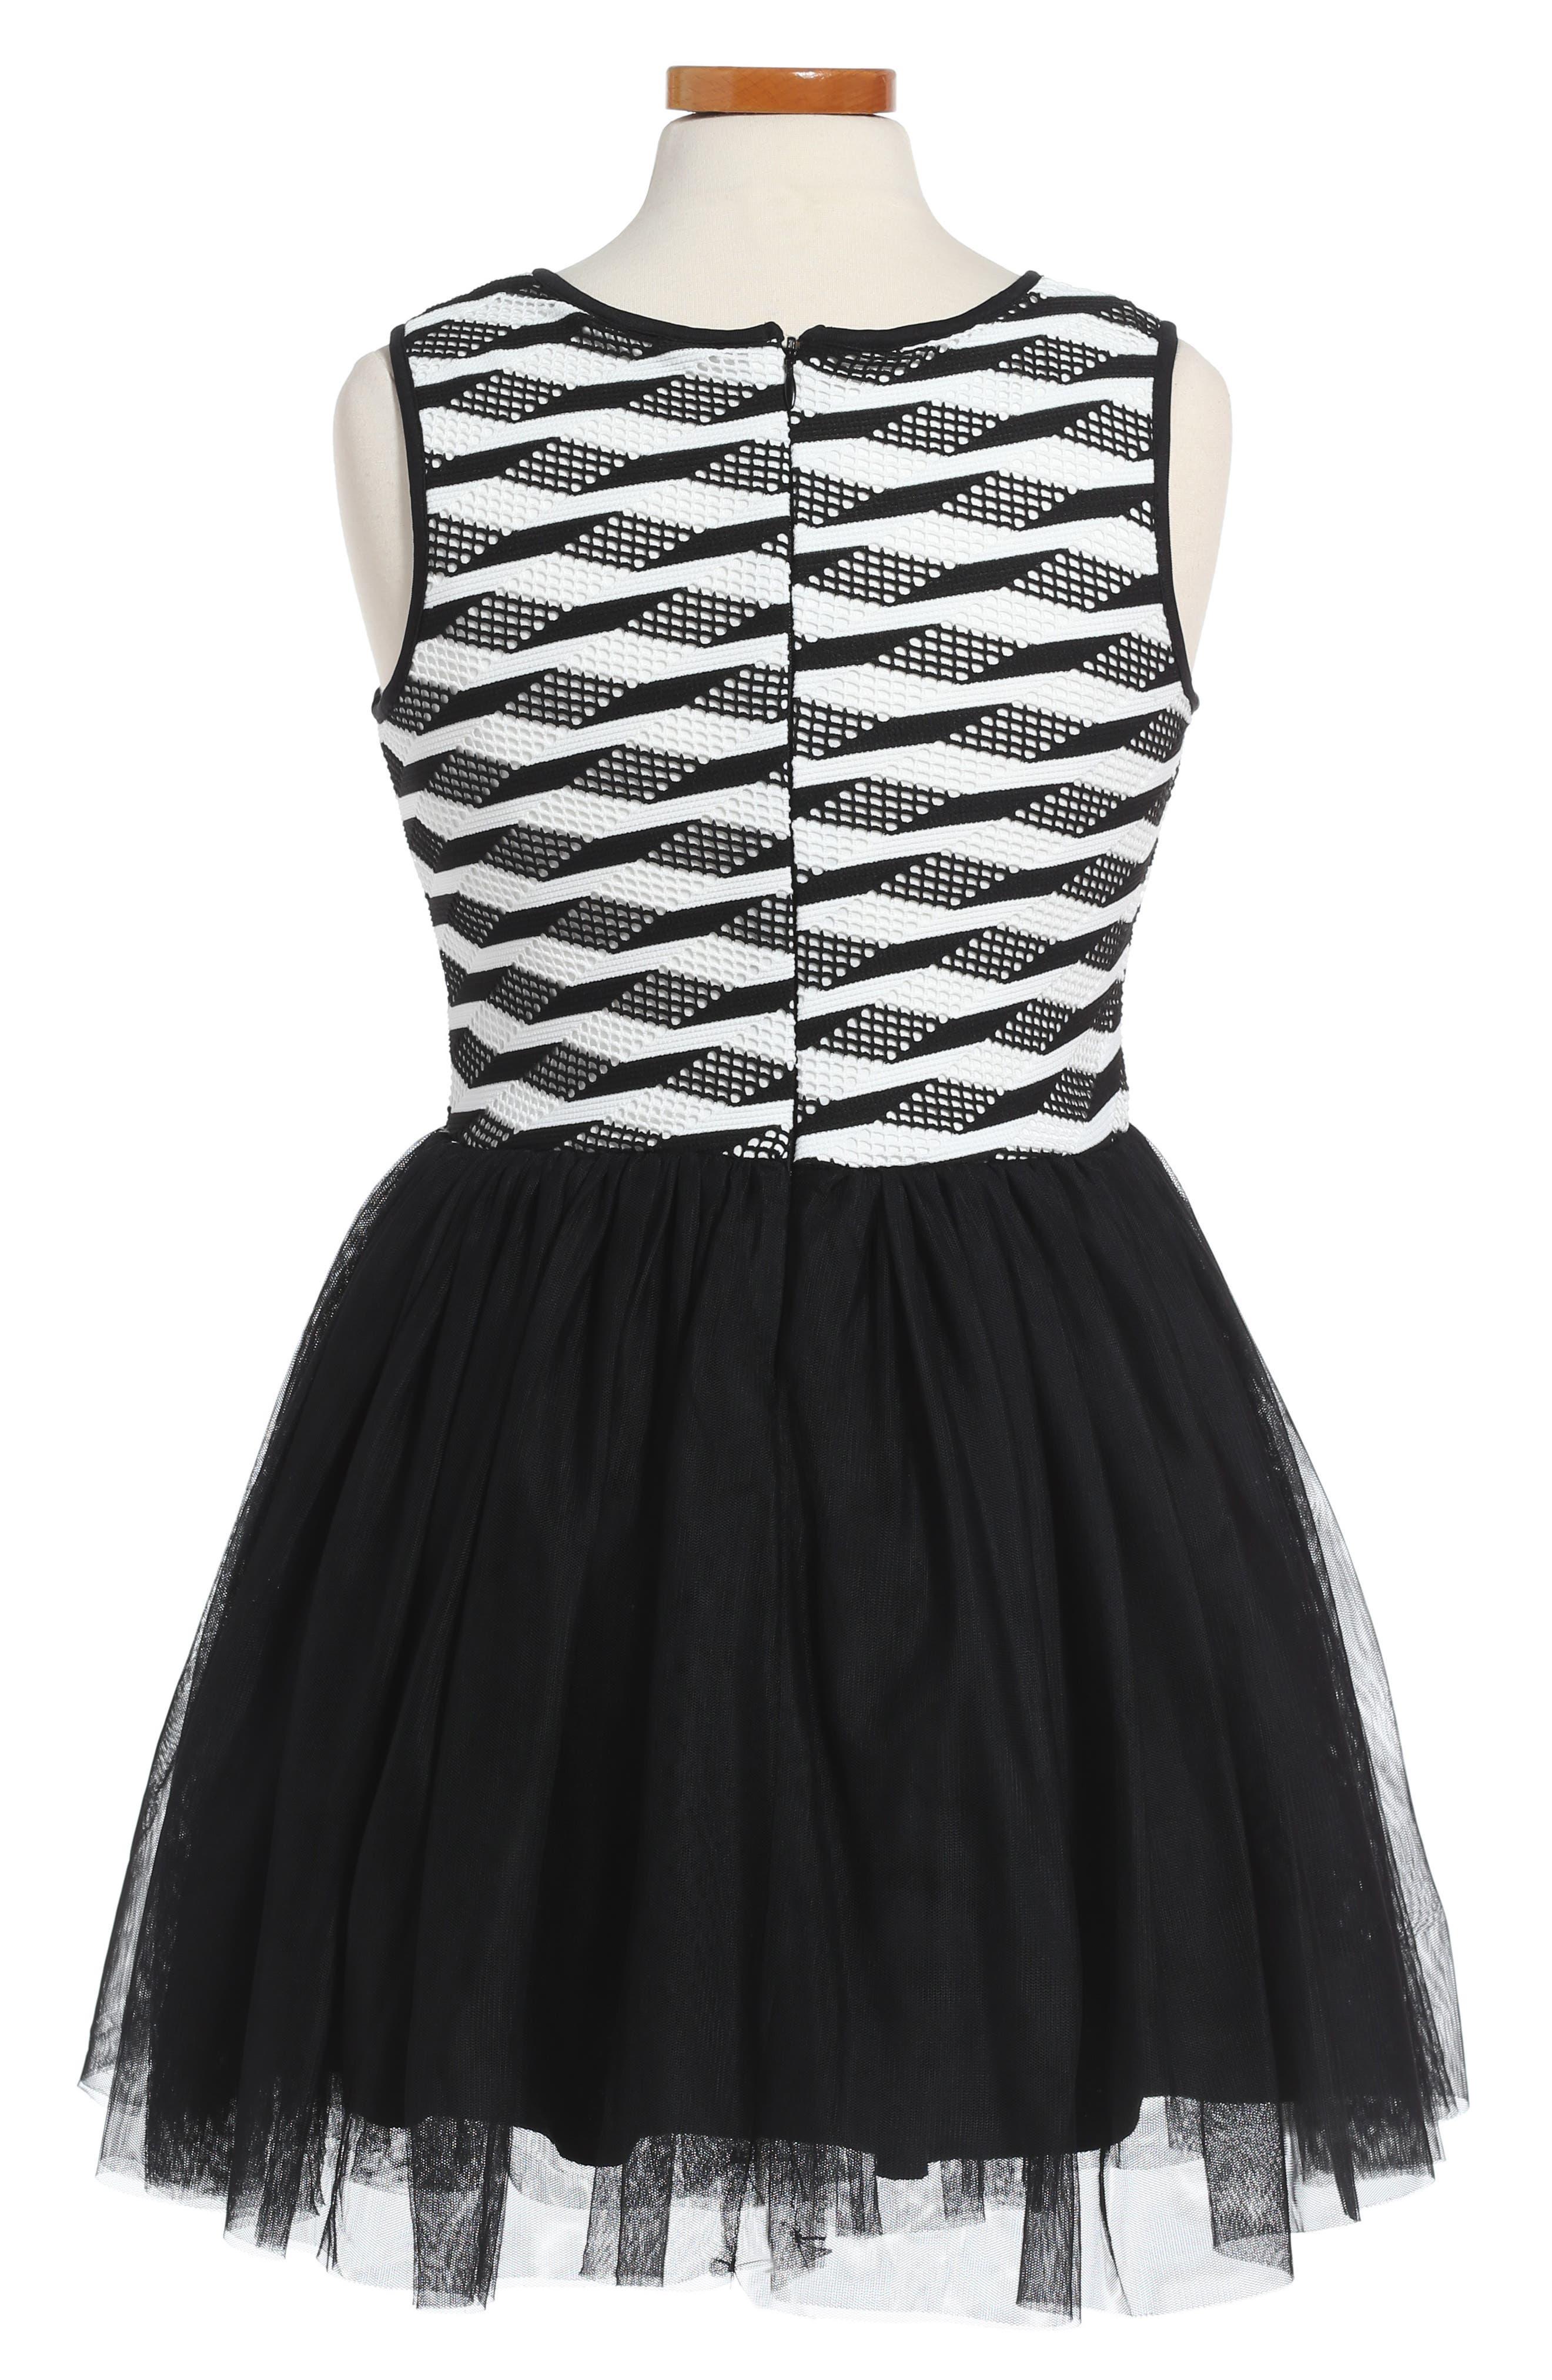 Stripe Tutu Dress,                             Alternate thumbnail 2, color,                             Black/ White